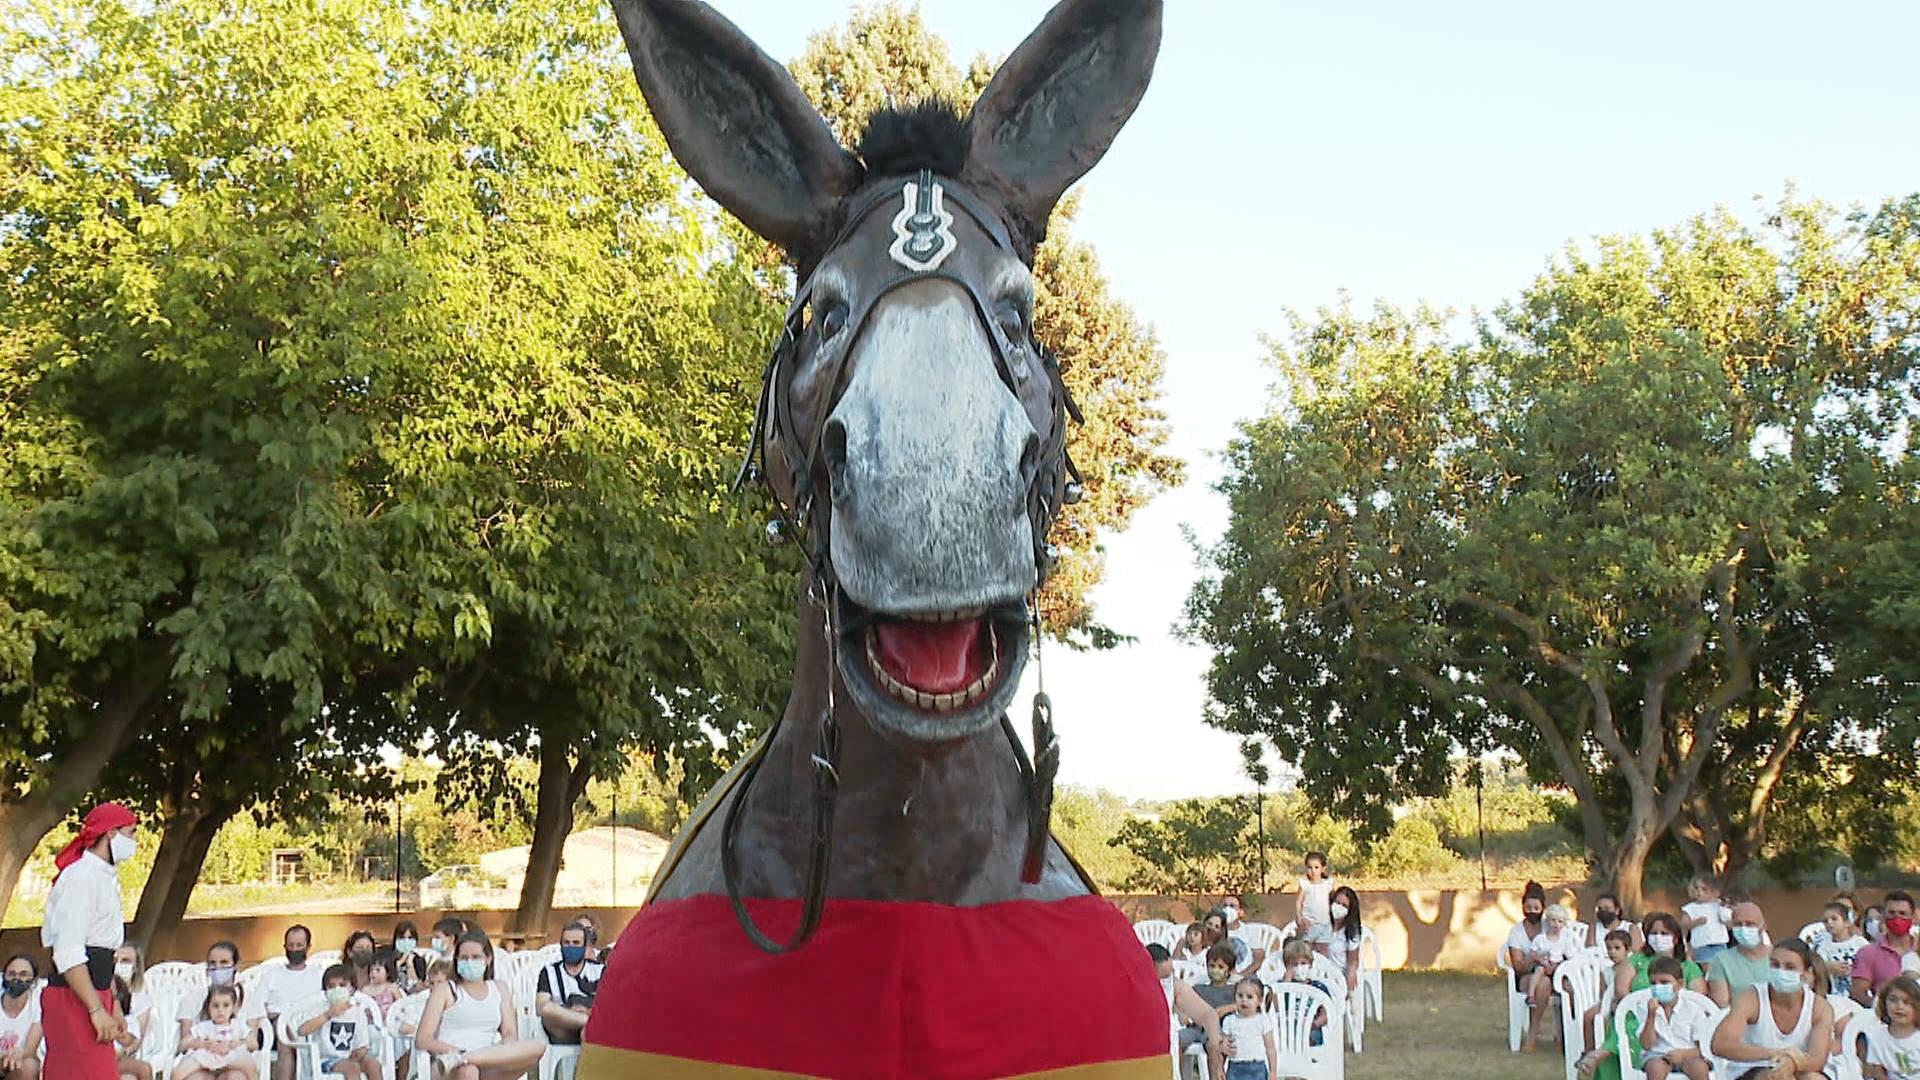 Manacor+comen%C3%A7a+les+seves+festes+de+Sant+Jaume+amb+el+ball+de+la+Mulassa